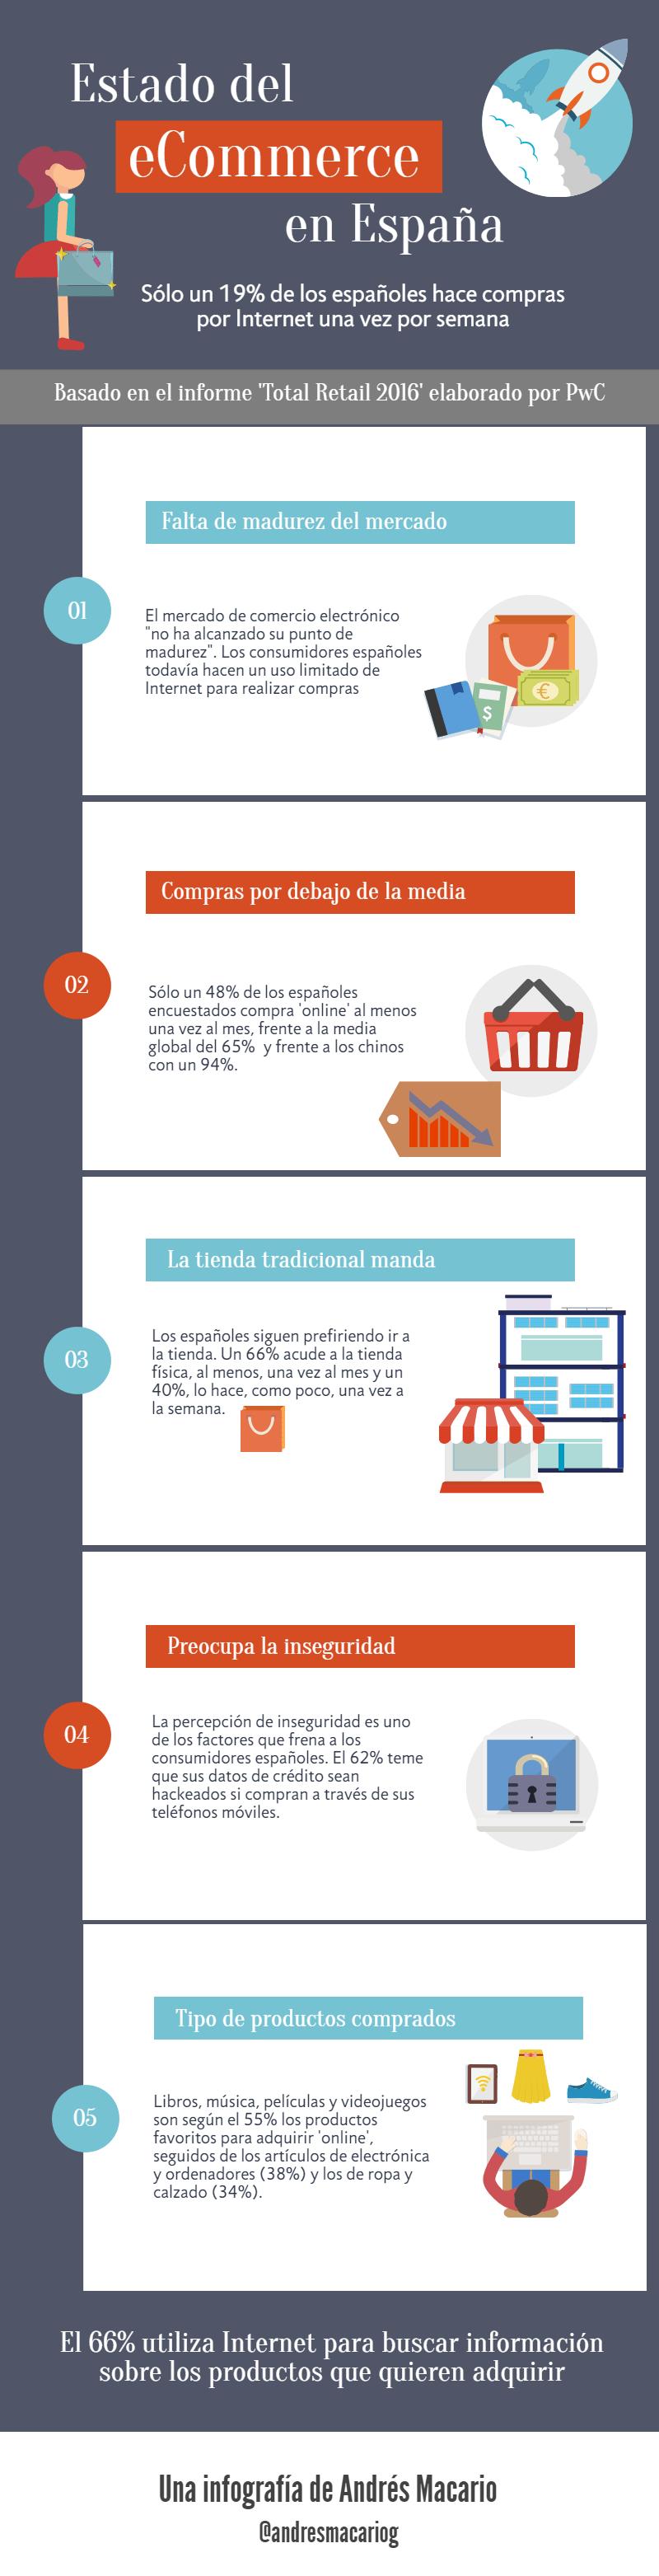 Estado eCommerce en España-Infografia Andres Macario